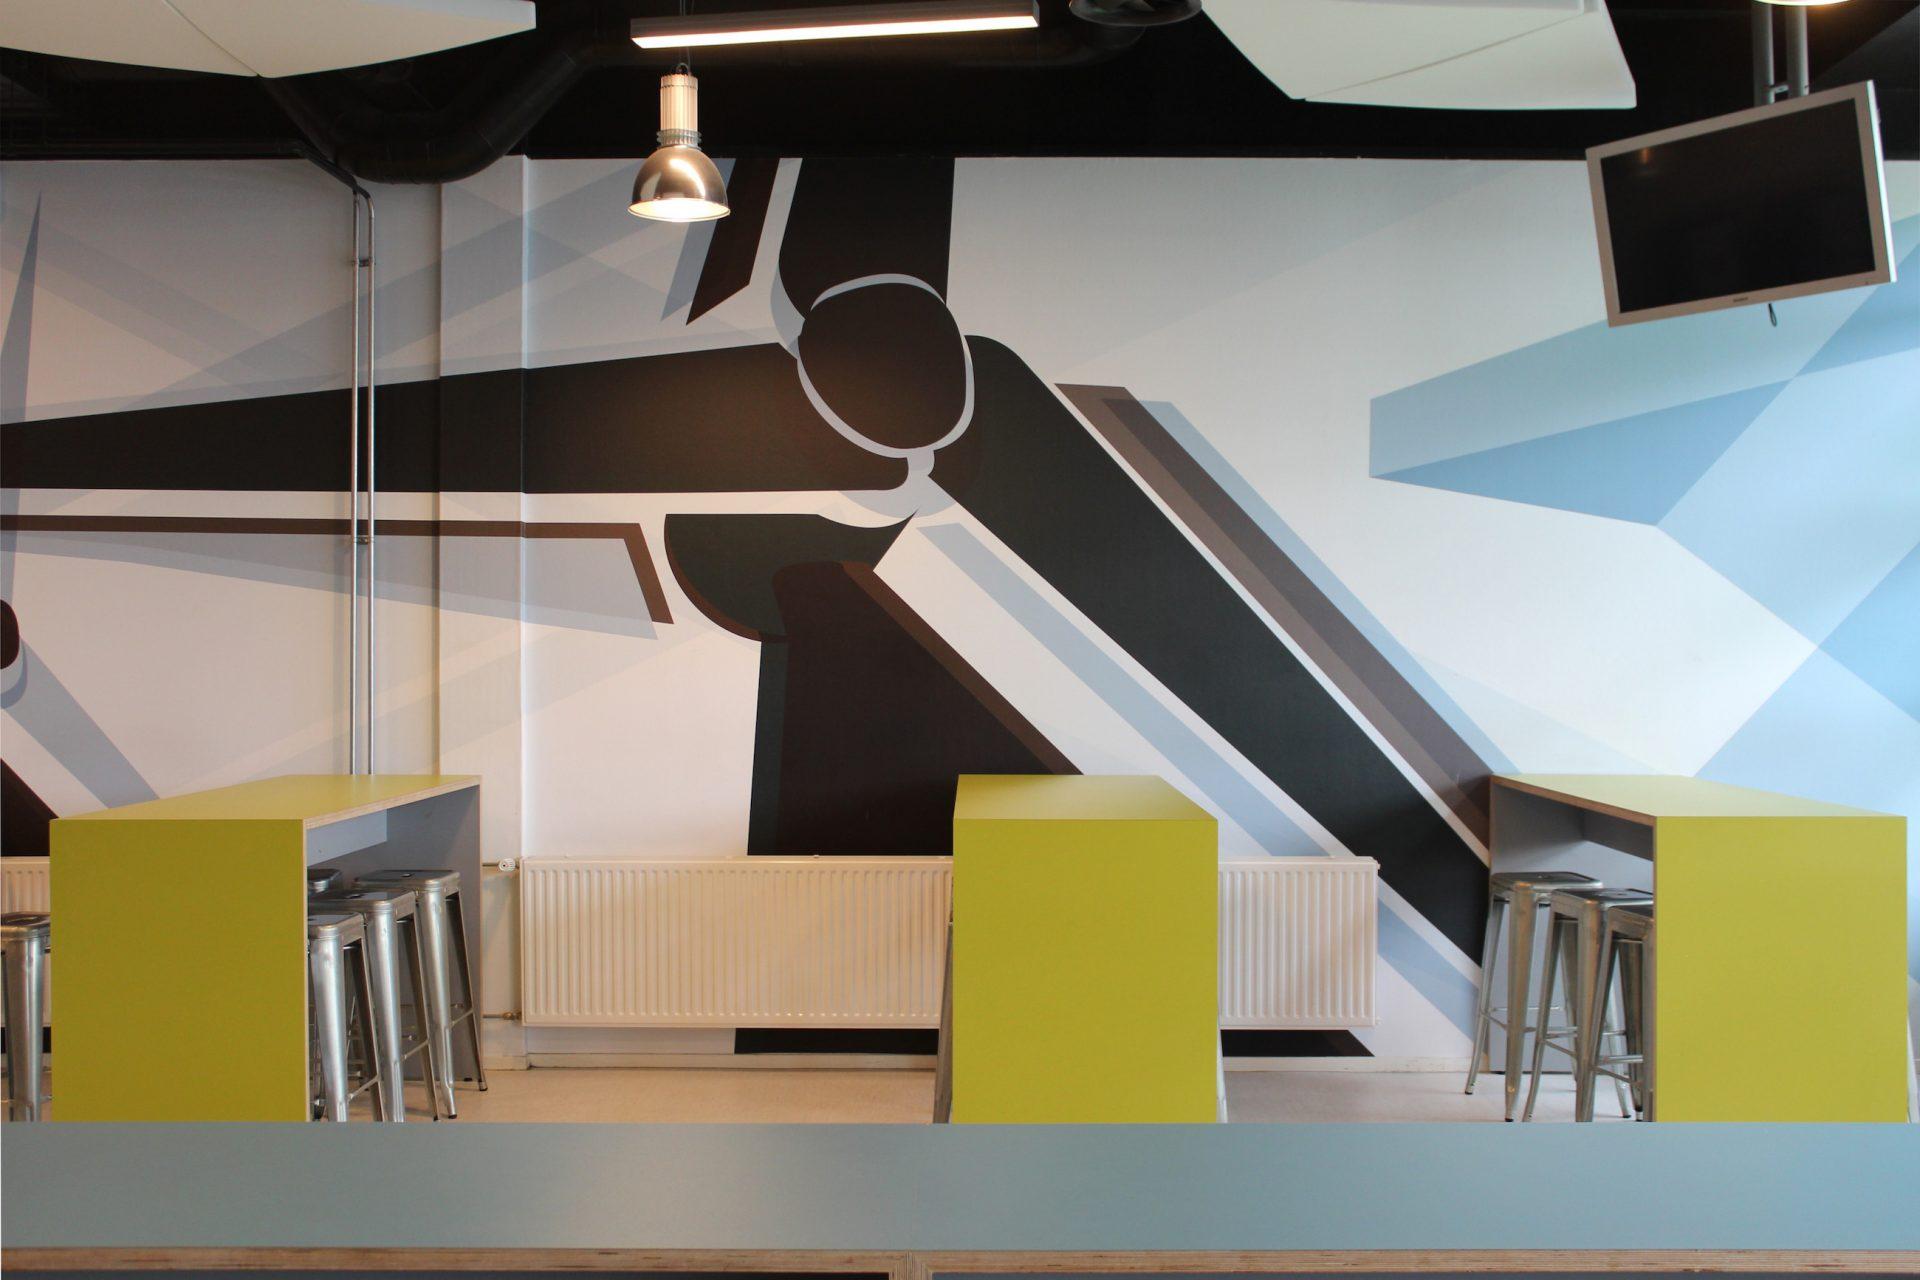 Grote diapositieve prints van windmolens ge��nspireerd op Andy Warhol op de muur van de centrale hal in ROC Friese Poort in deze projectinrichting.